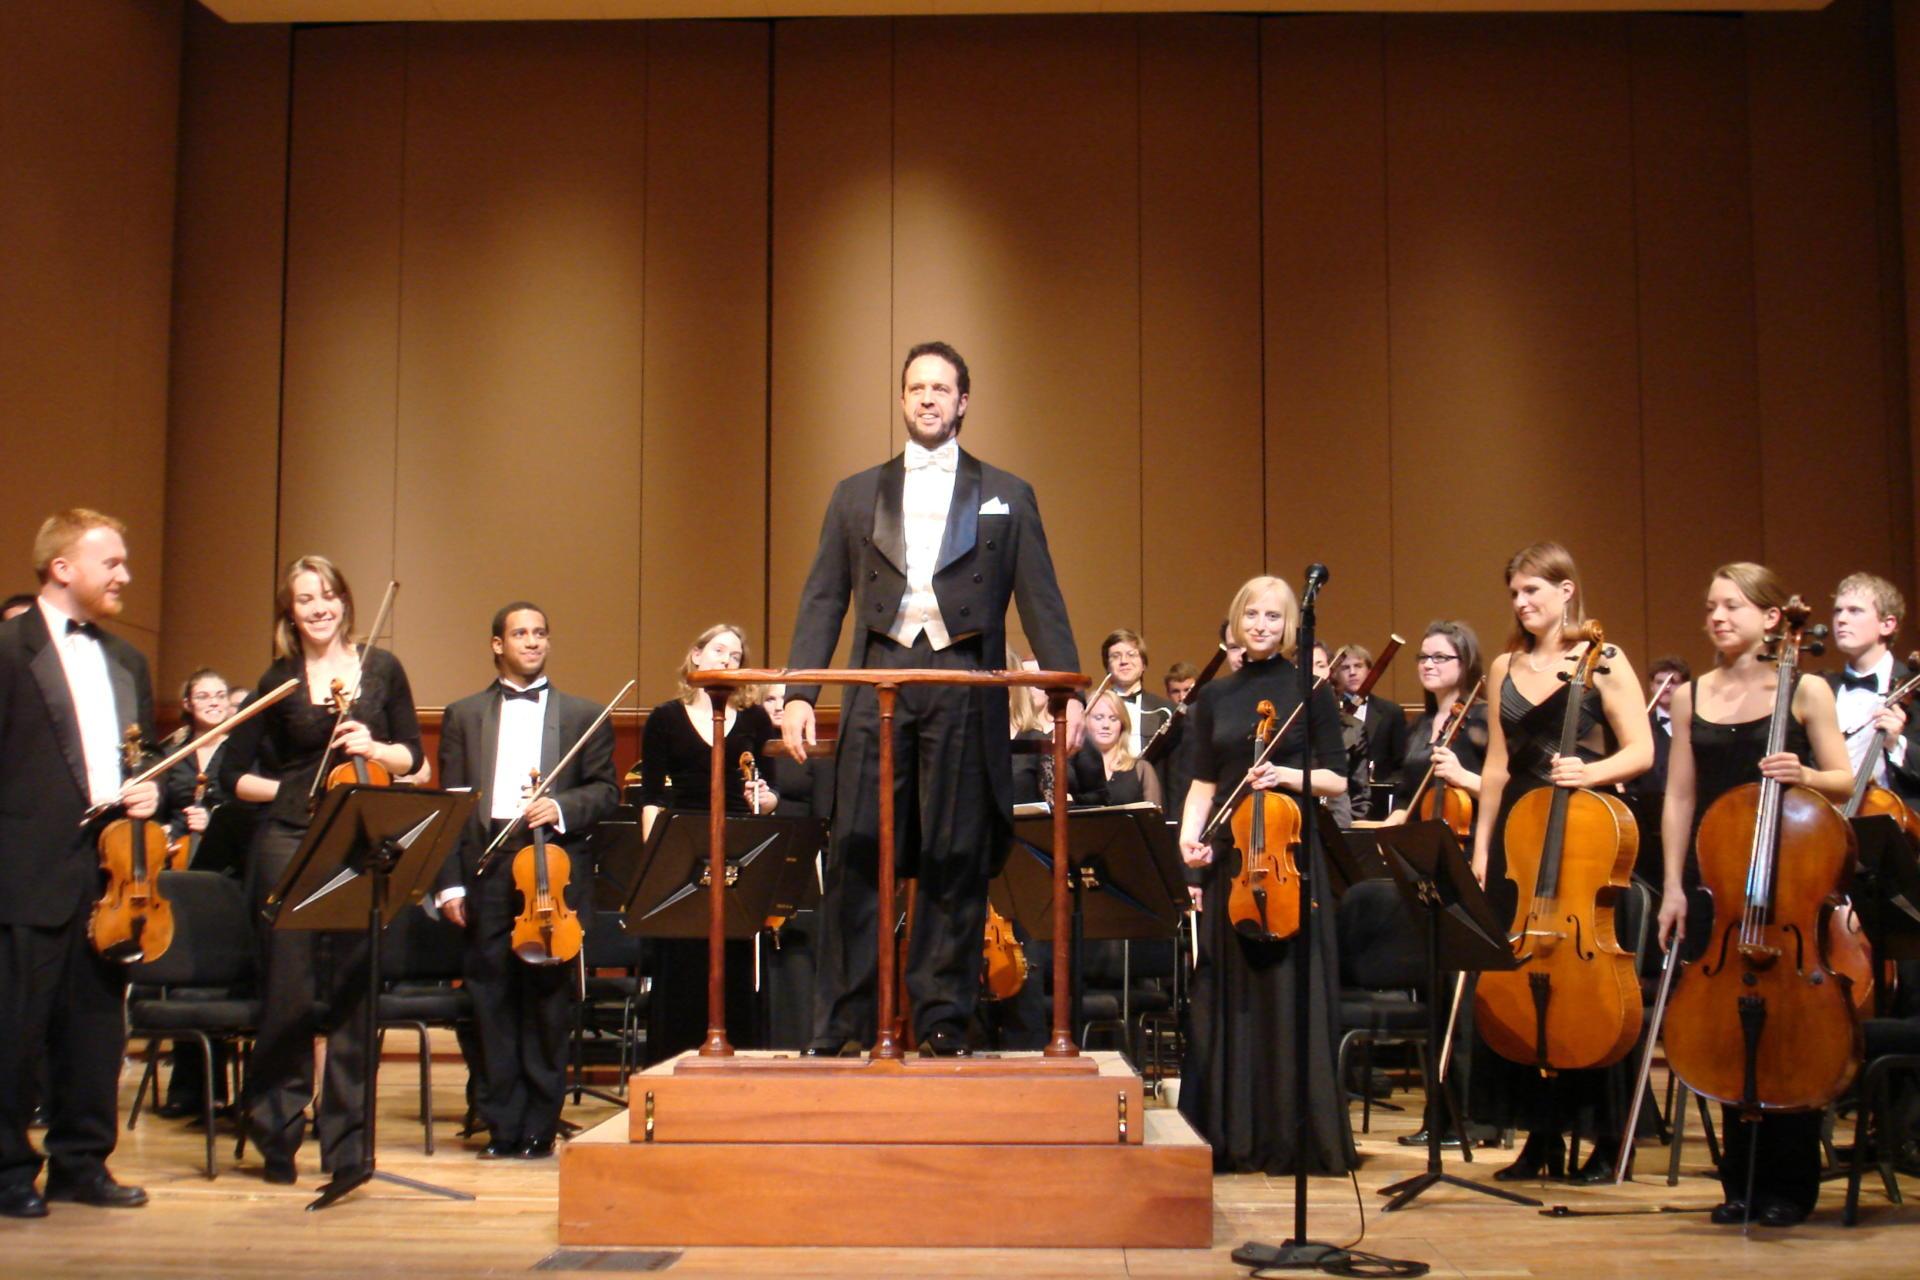 Foto colorida horizontal mostra parte dos integrantes da orquestra em um palco, em pé, com instrumentos na mão, e o maestro ao centro, todos olhando para o público